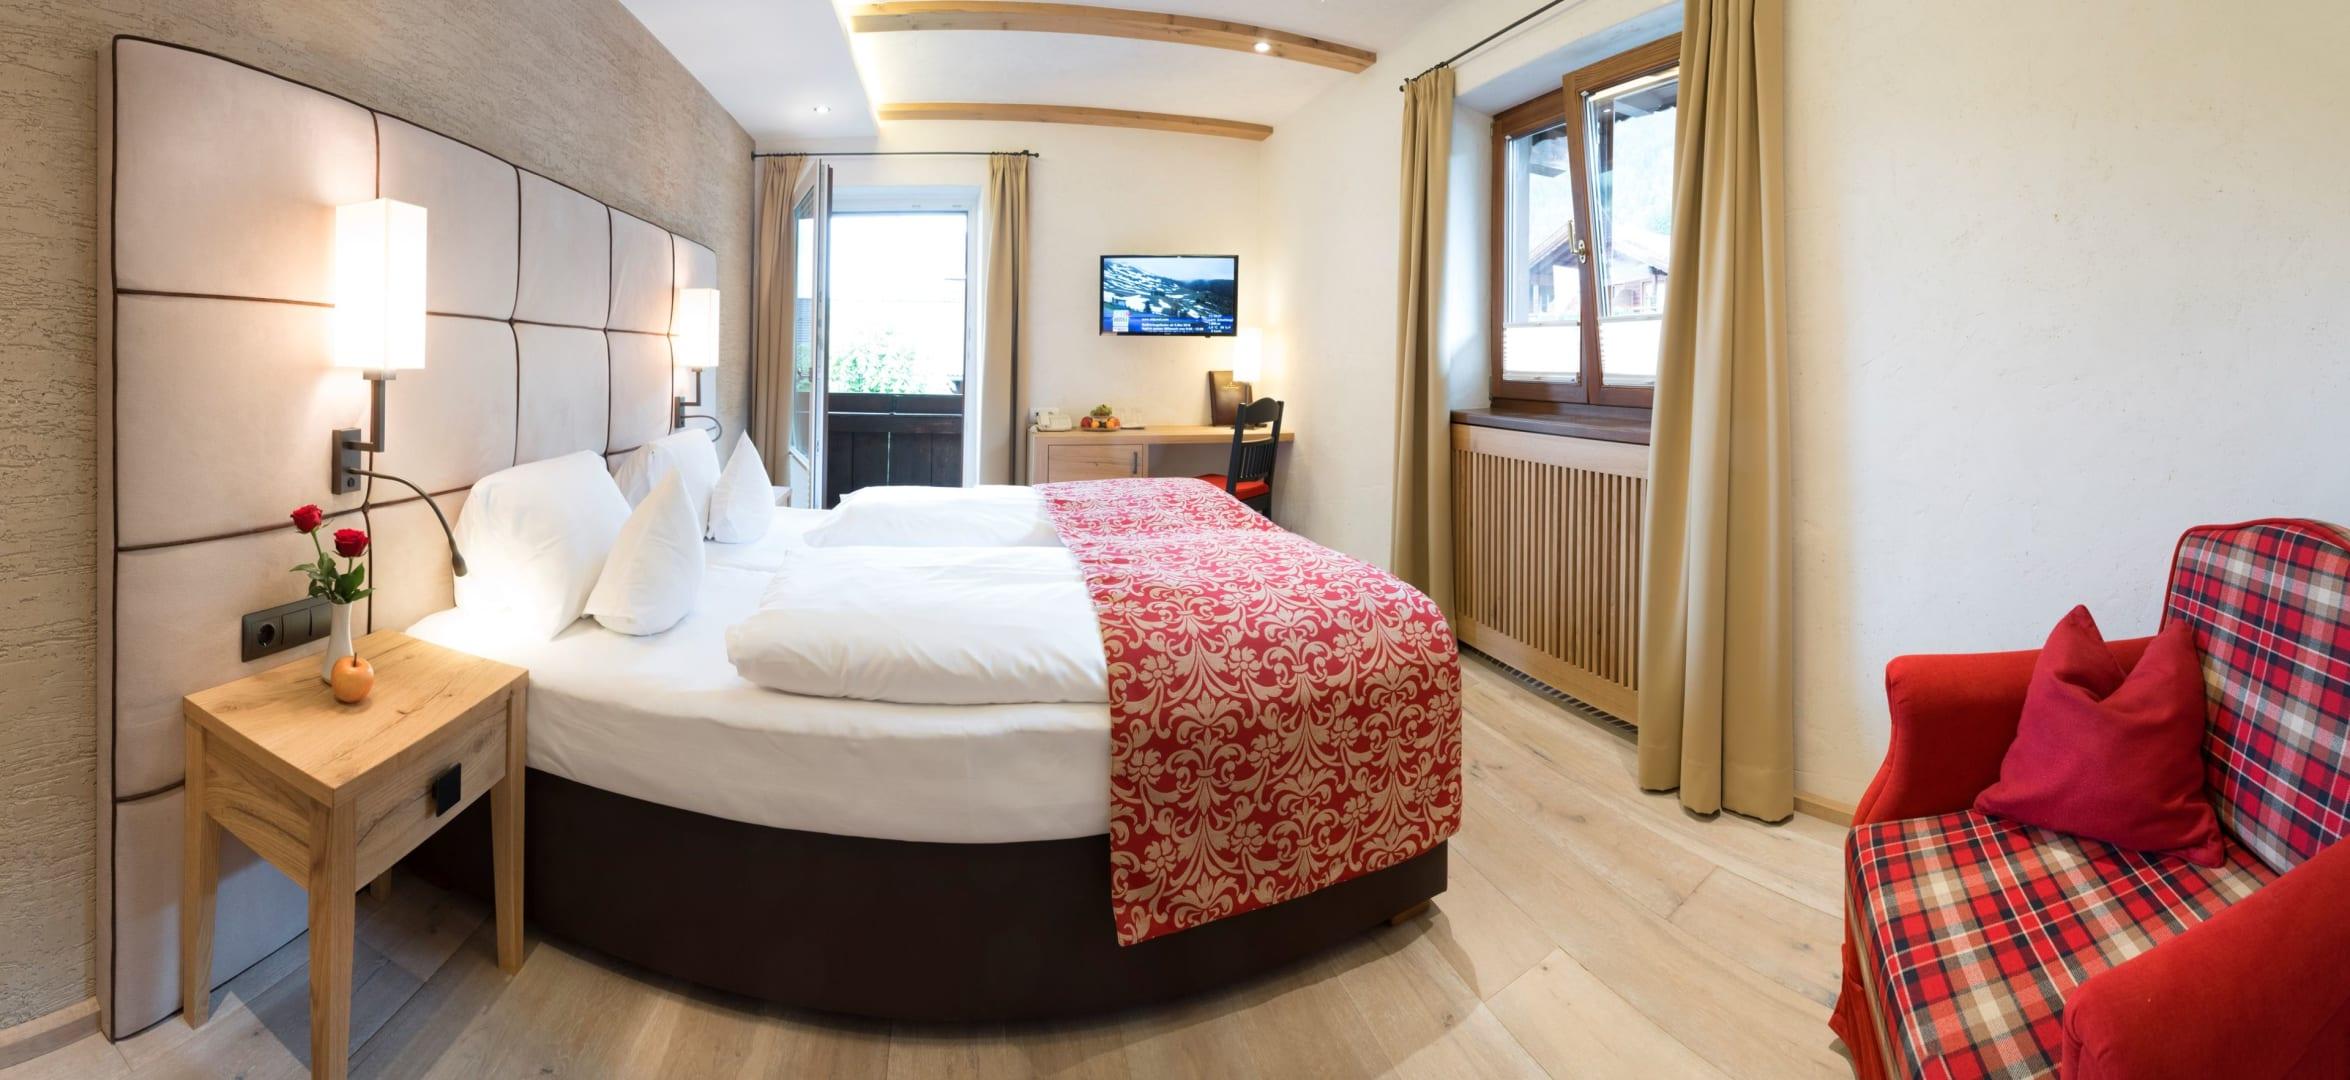 Wohnkomfortzimmer Alpbach